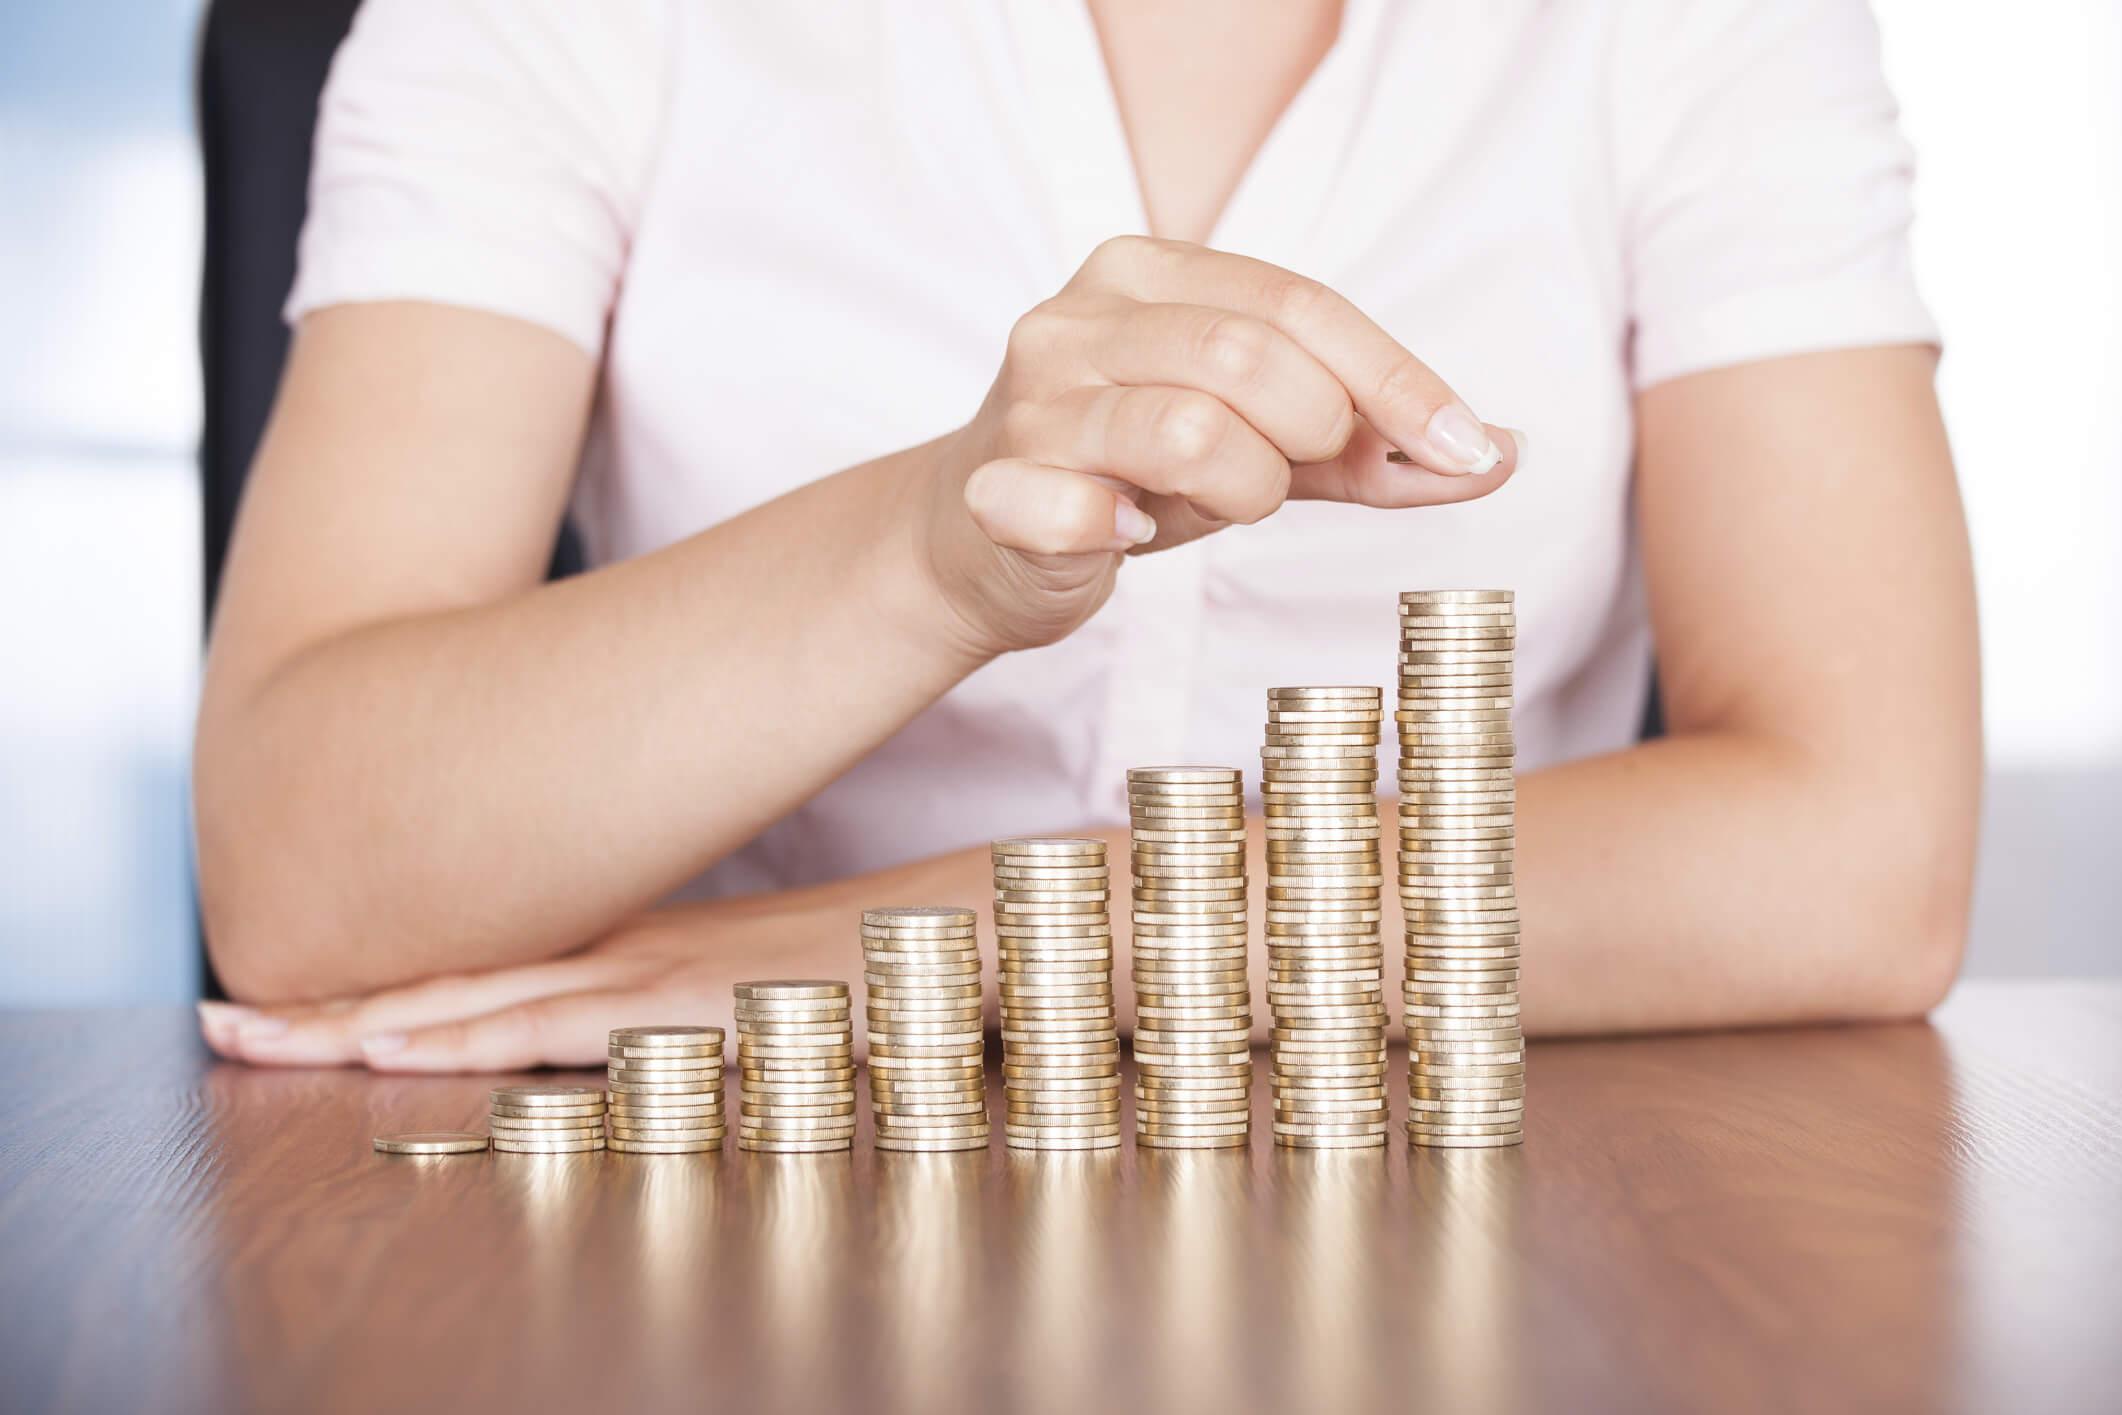 pracodawcy chcą niższego wzrostu płacy minimalnej